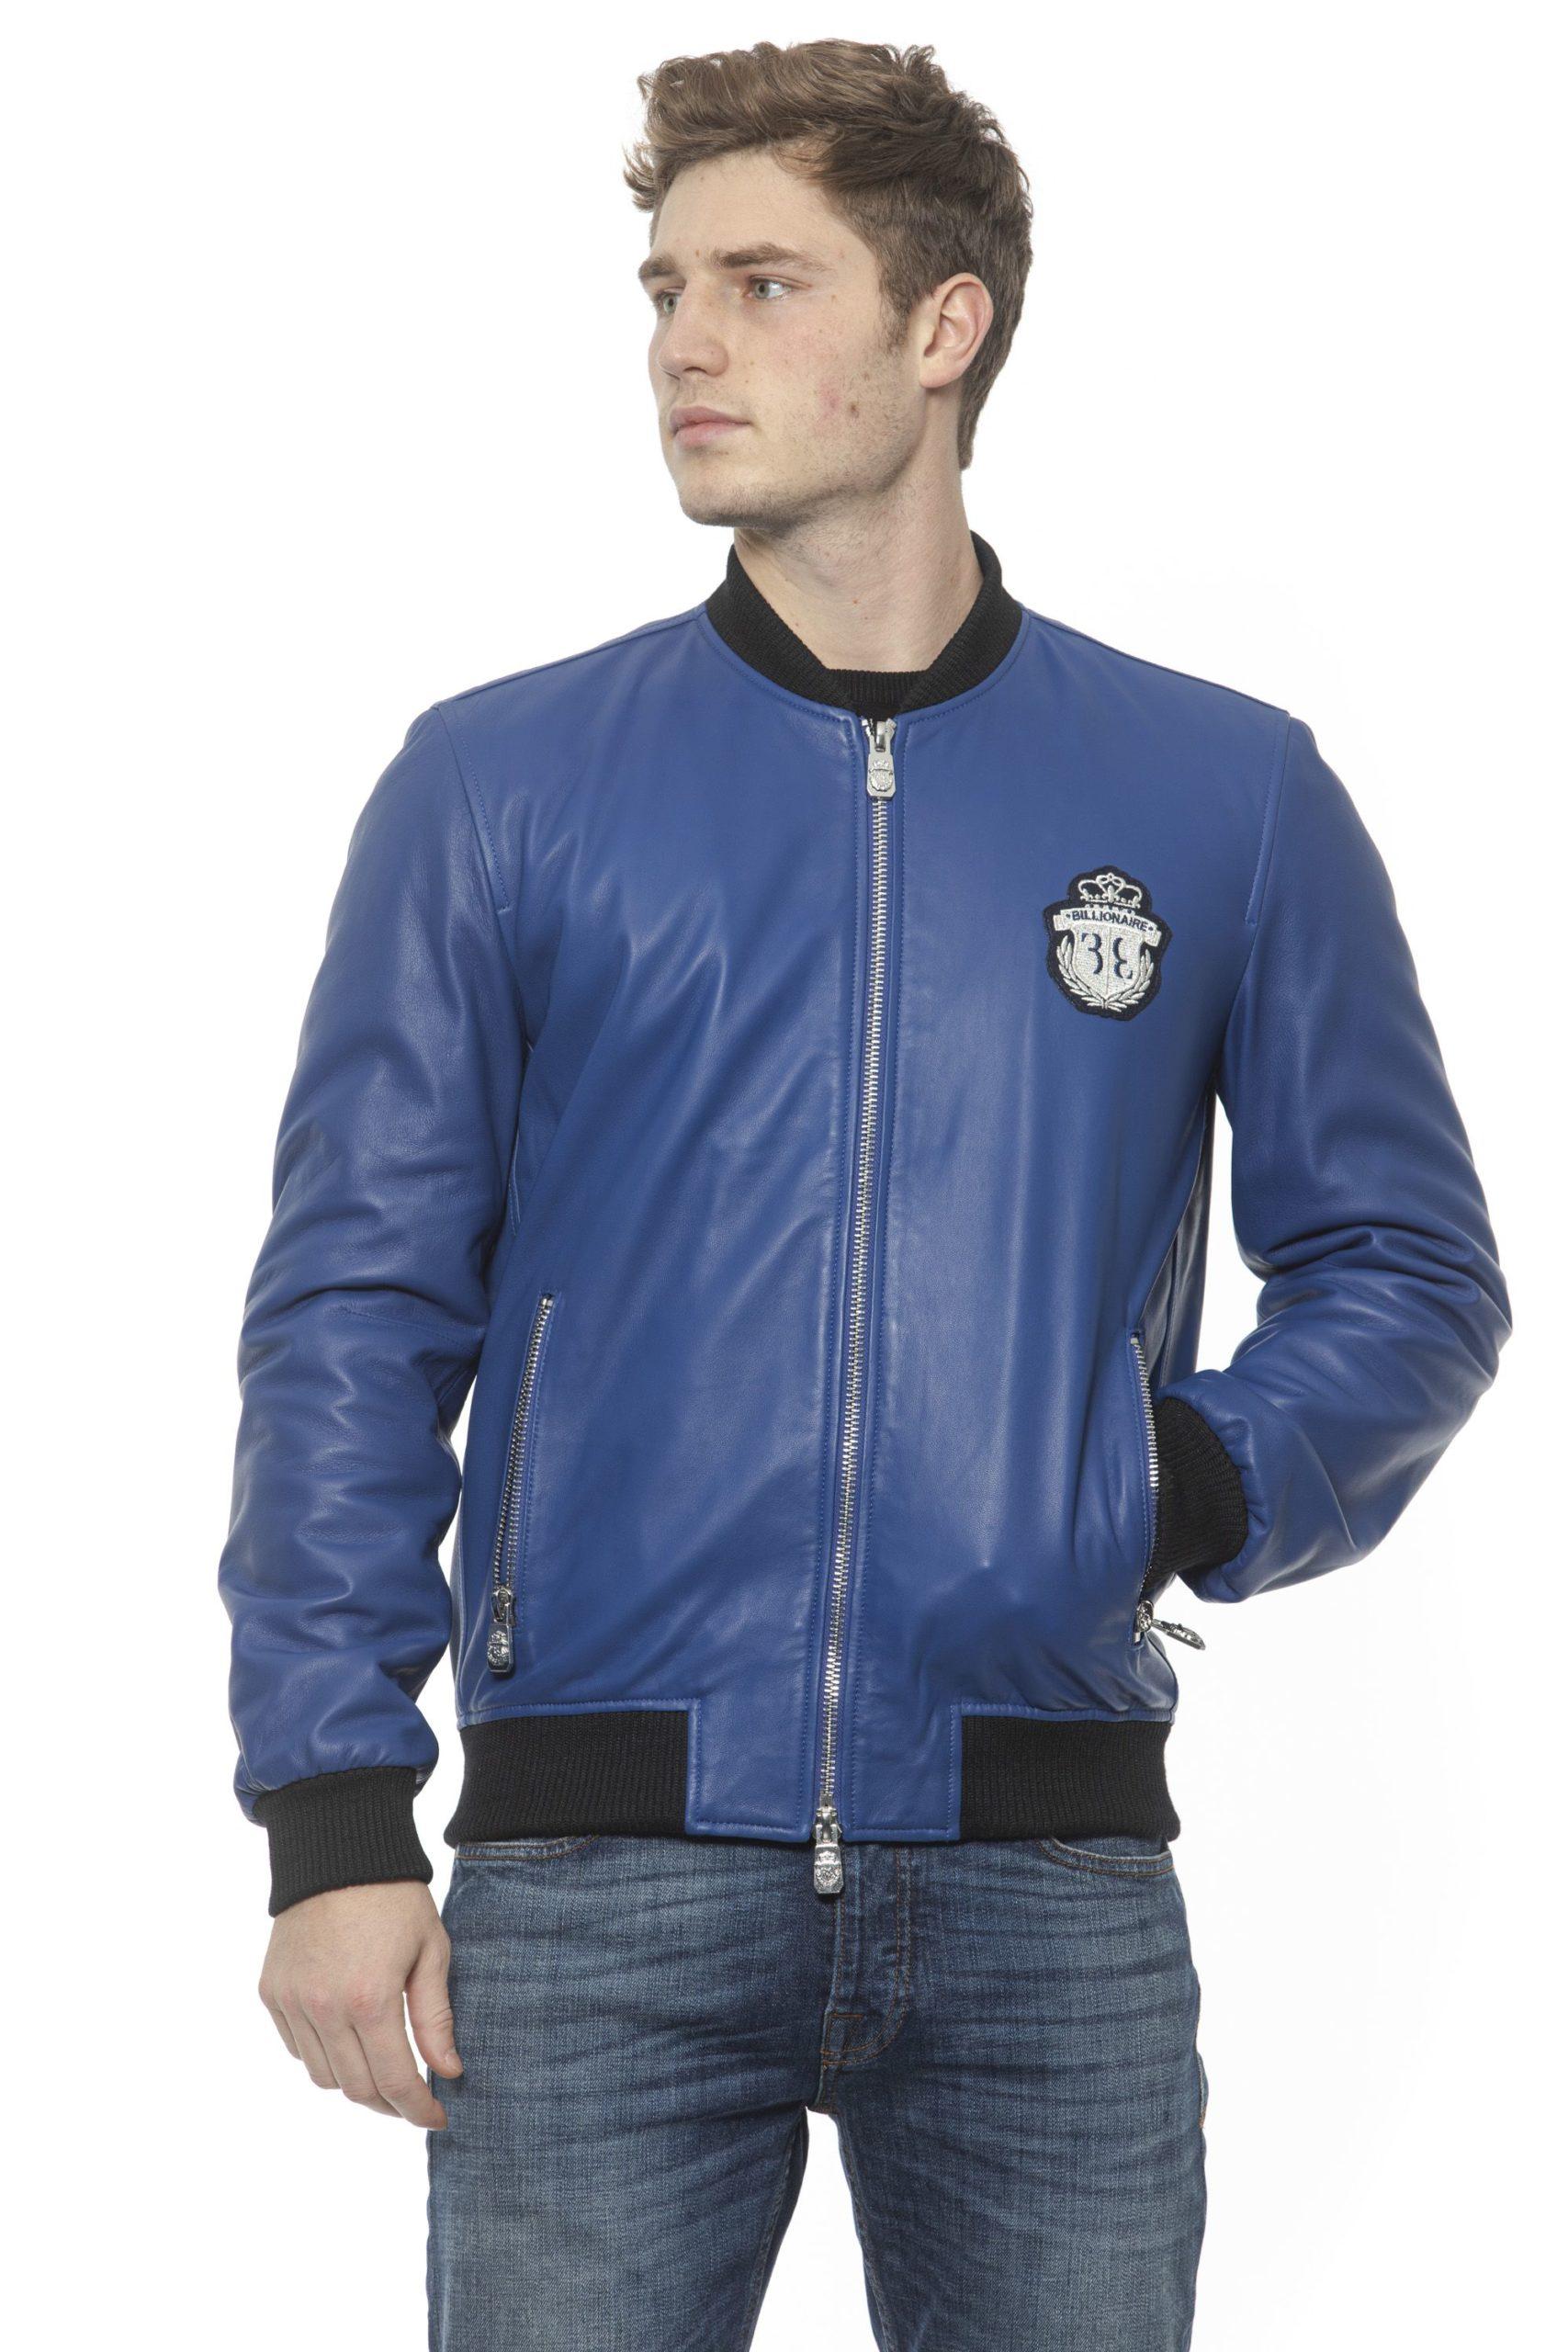 Billionaire Italian Couture Men's Bluette Jacket Blue BI1313459 - M